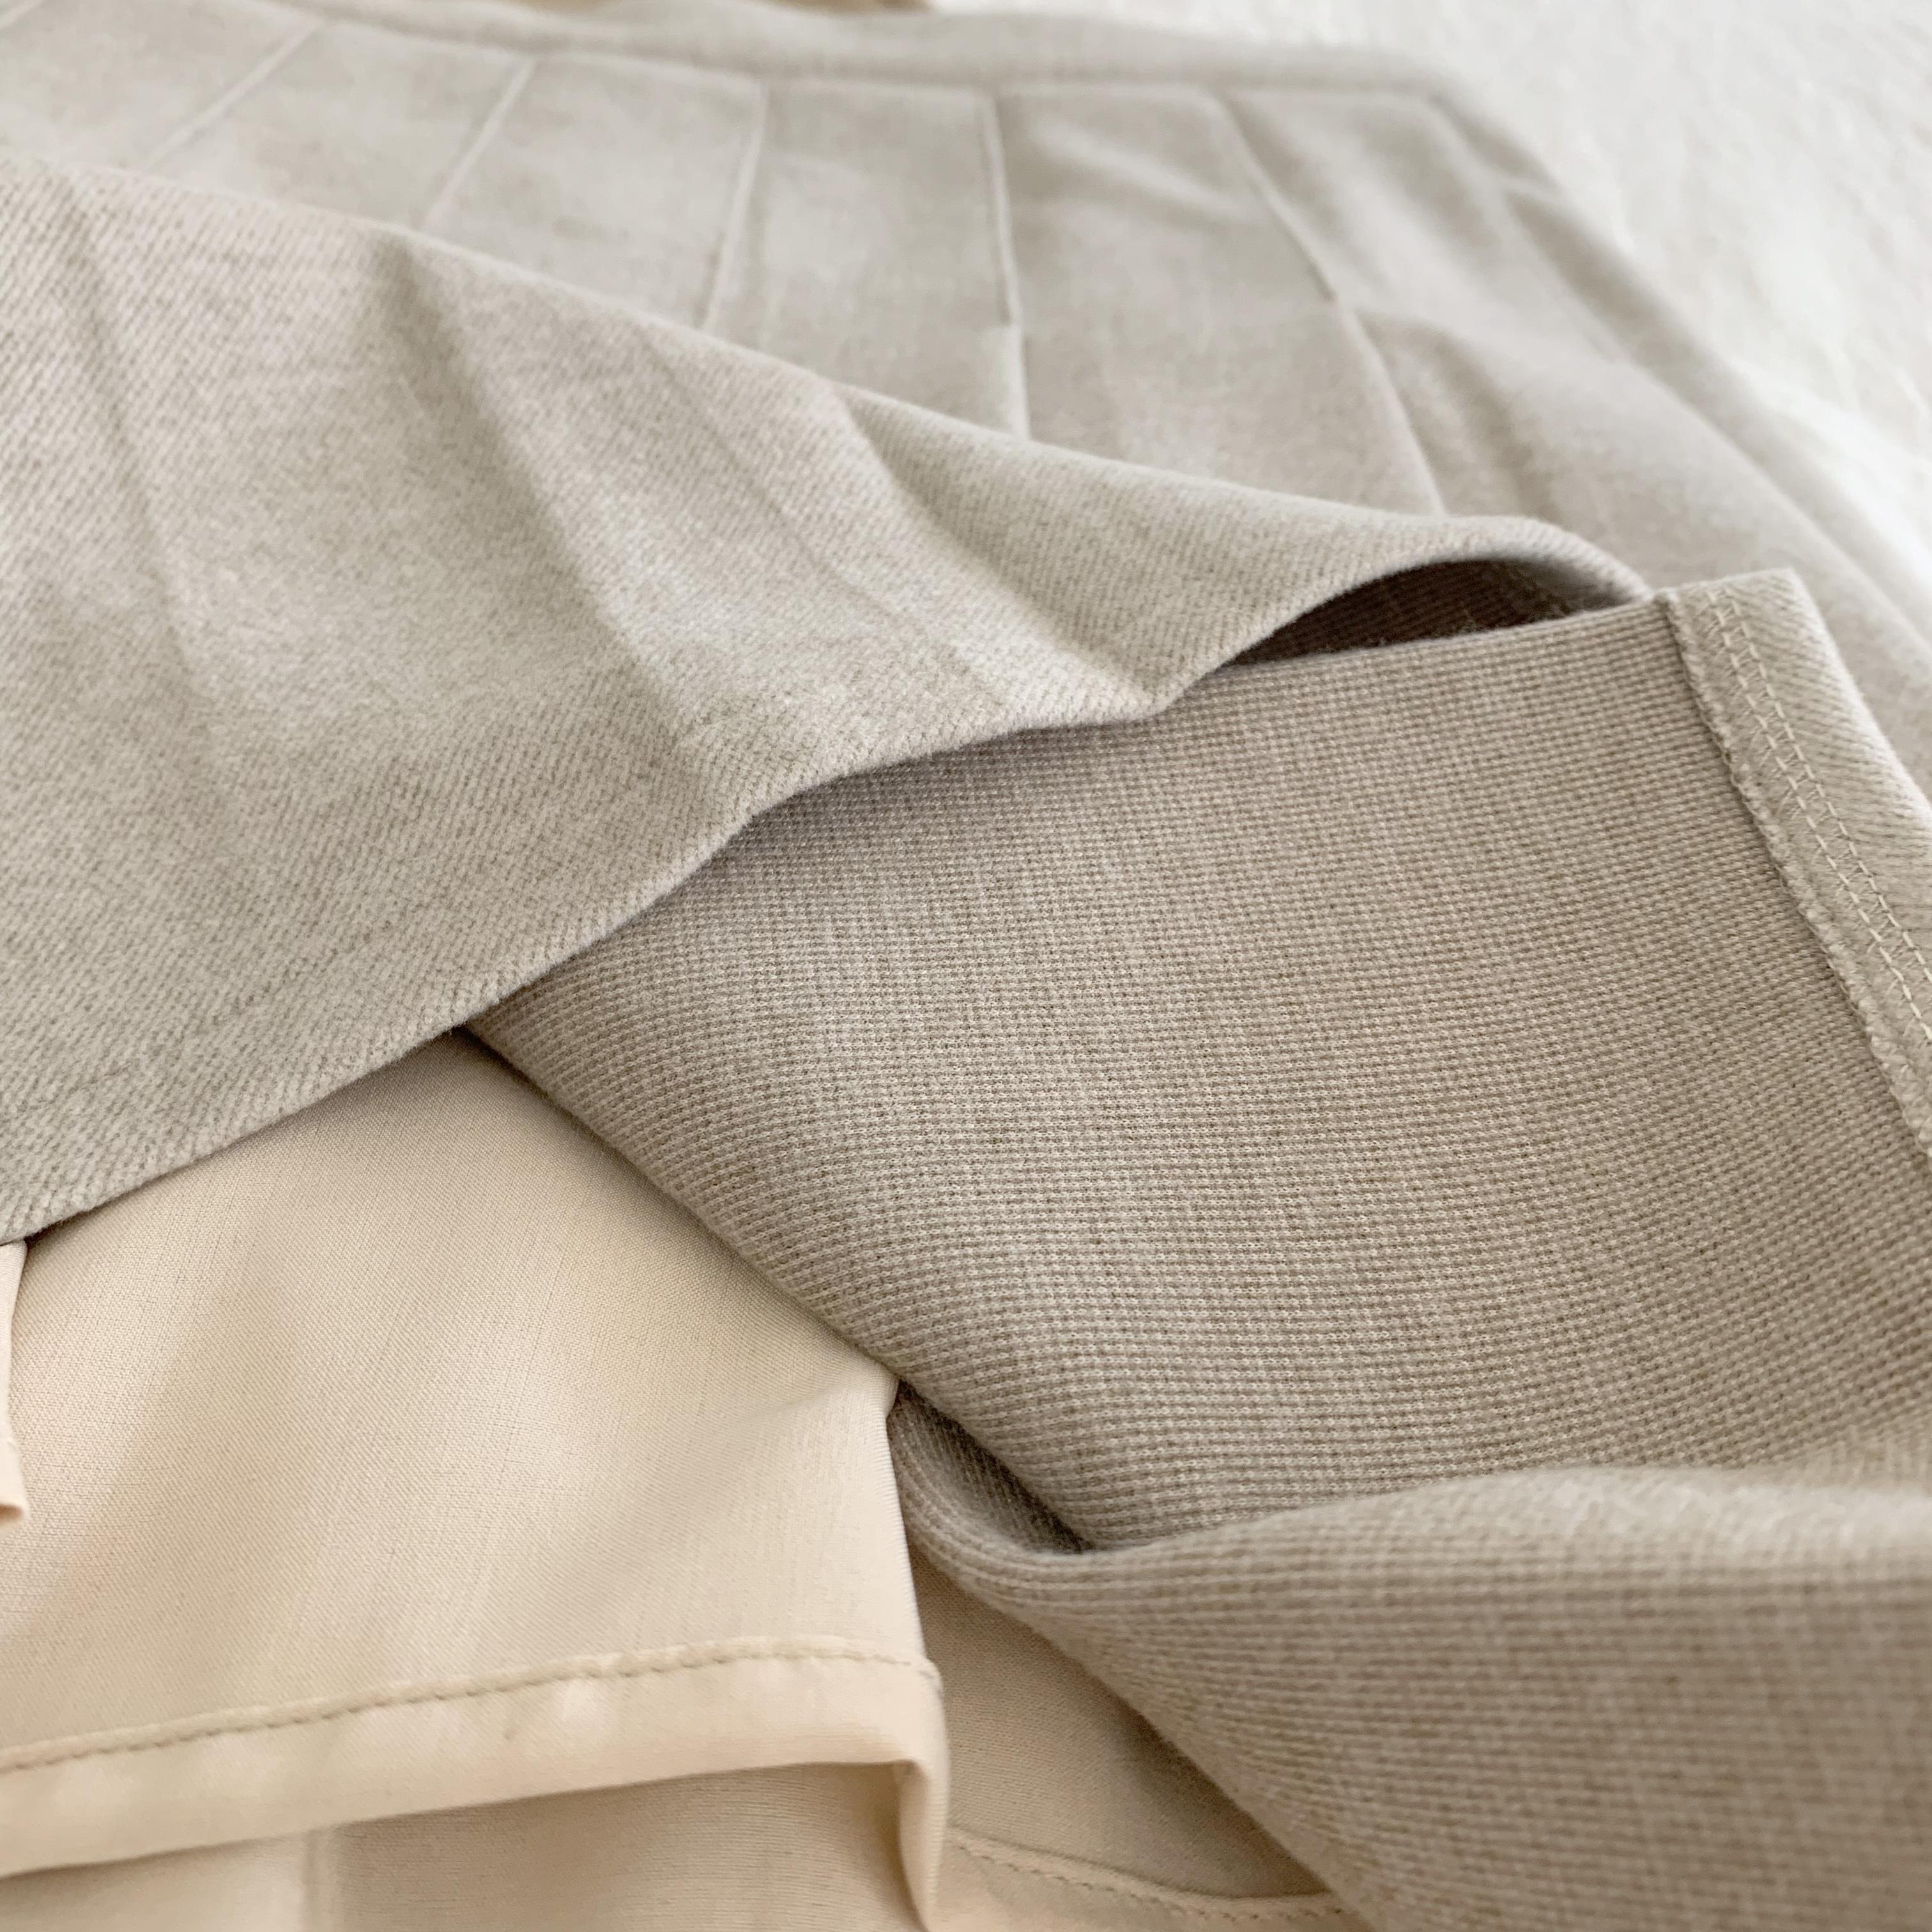 〈カフェシリーズ〉カフェラテプリーツスカート 【dull color flower skirt】